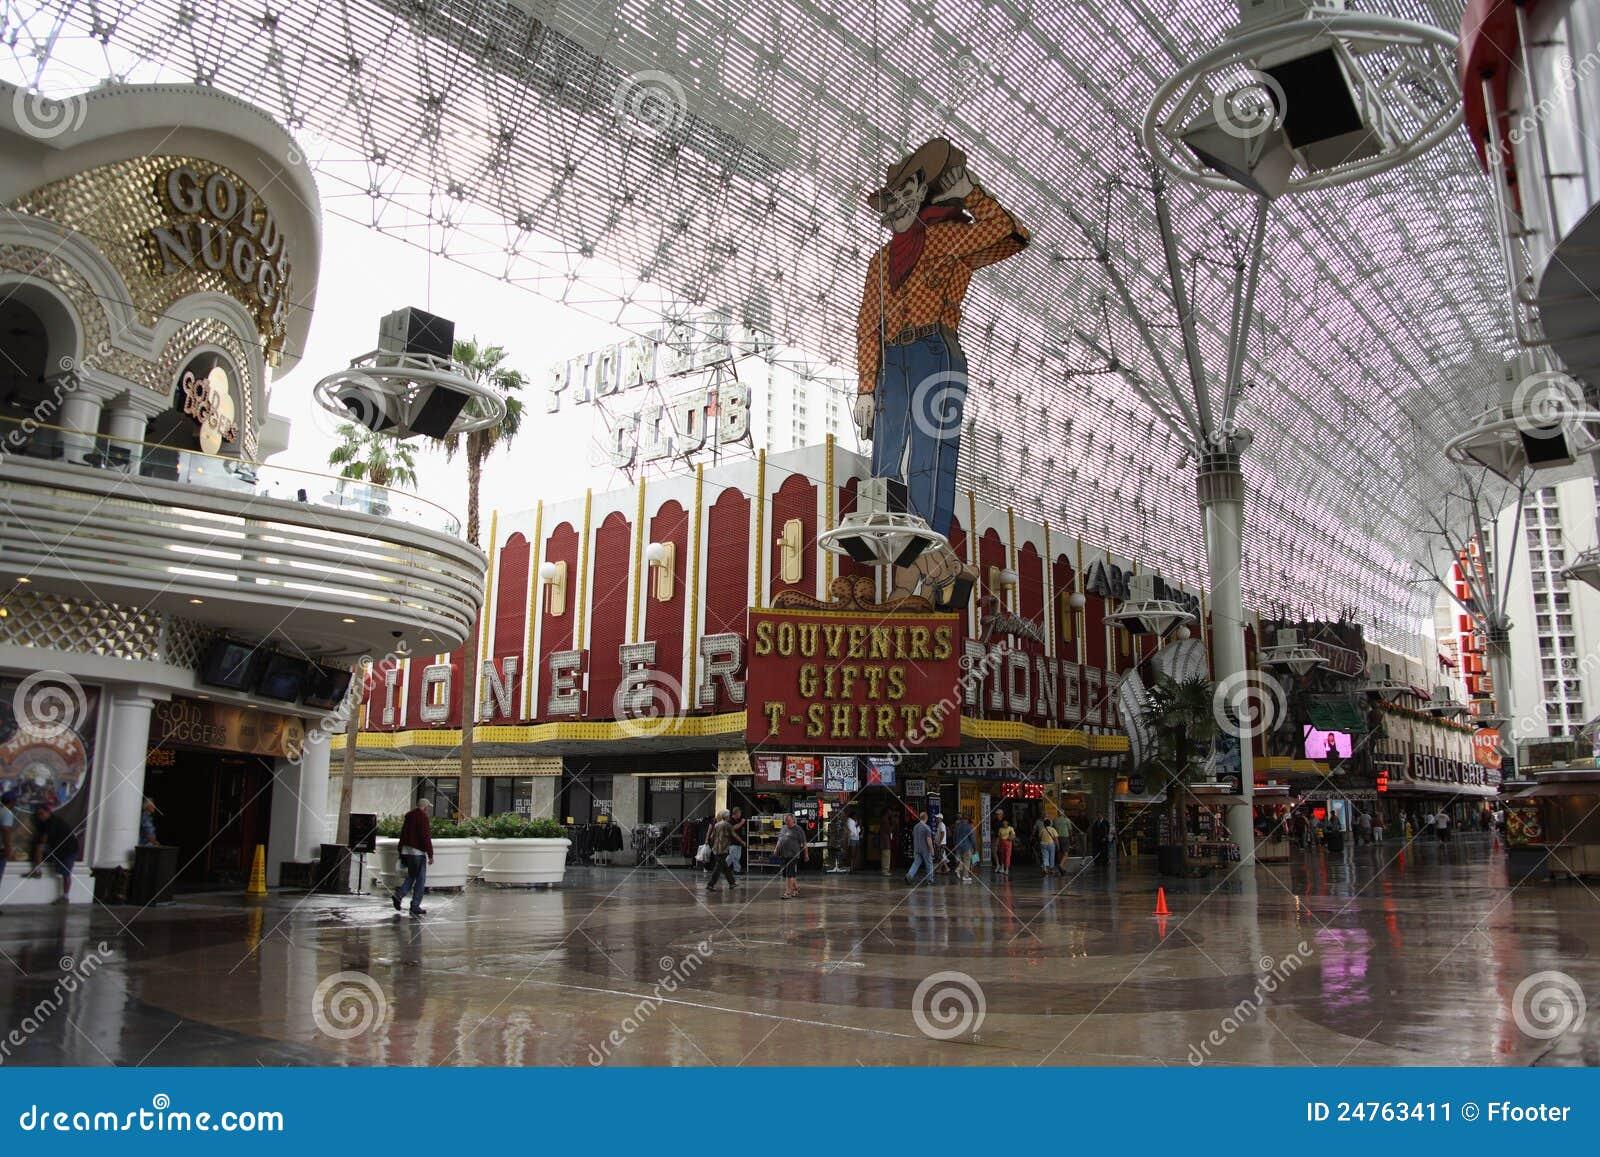 The pioneer casino casino scottsdale arizona